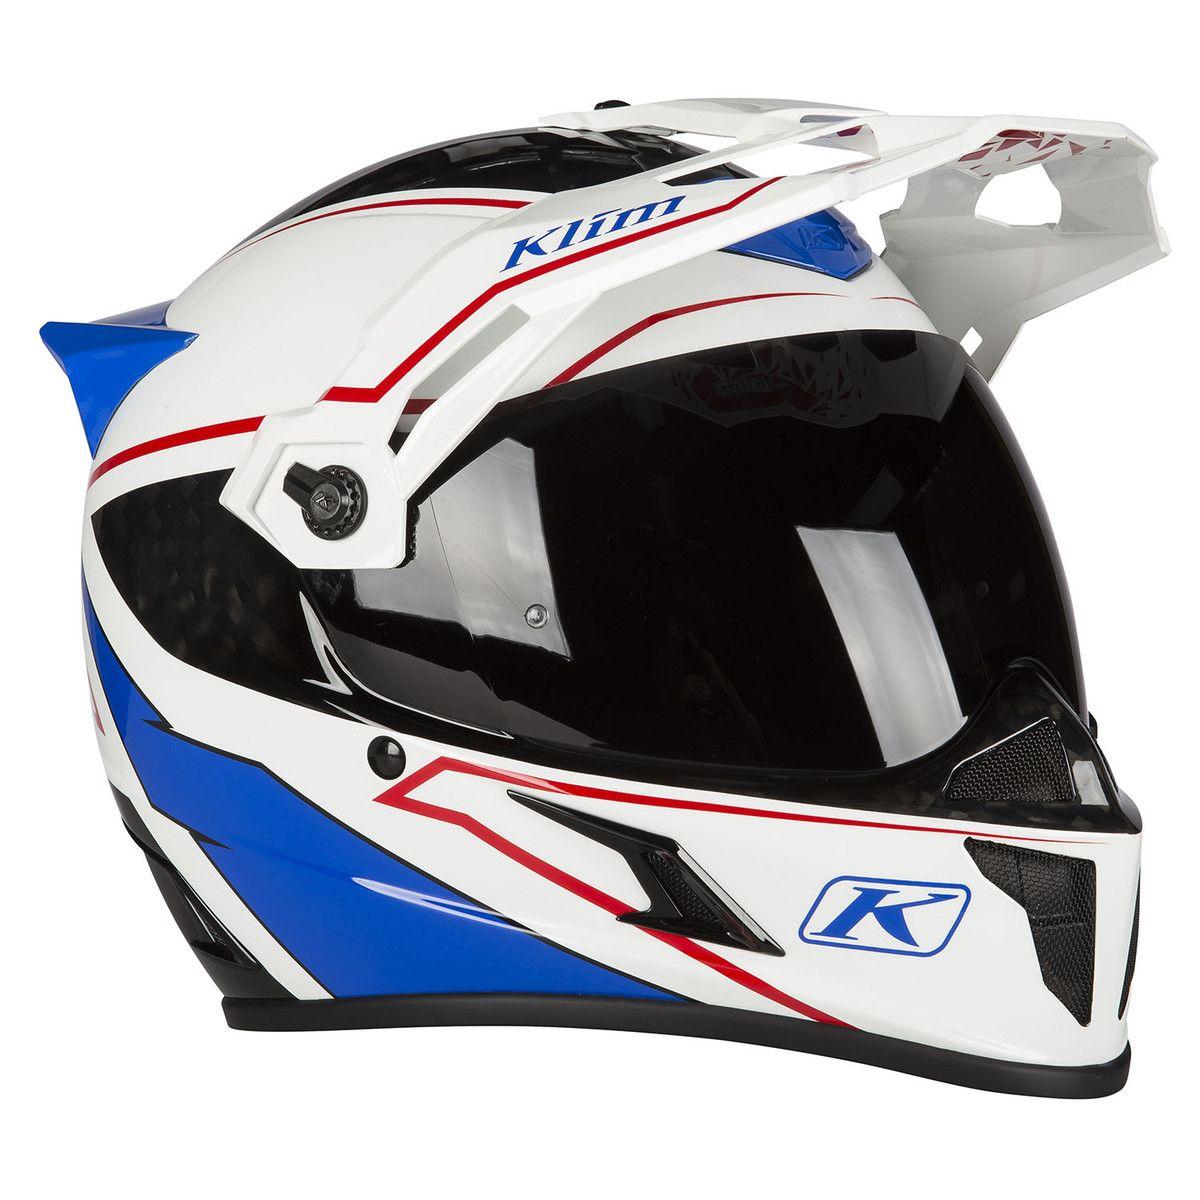 Krios Karbon Adventure Helmet ECE/DOT Dual sport helmet